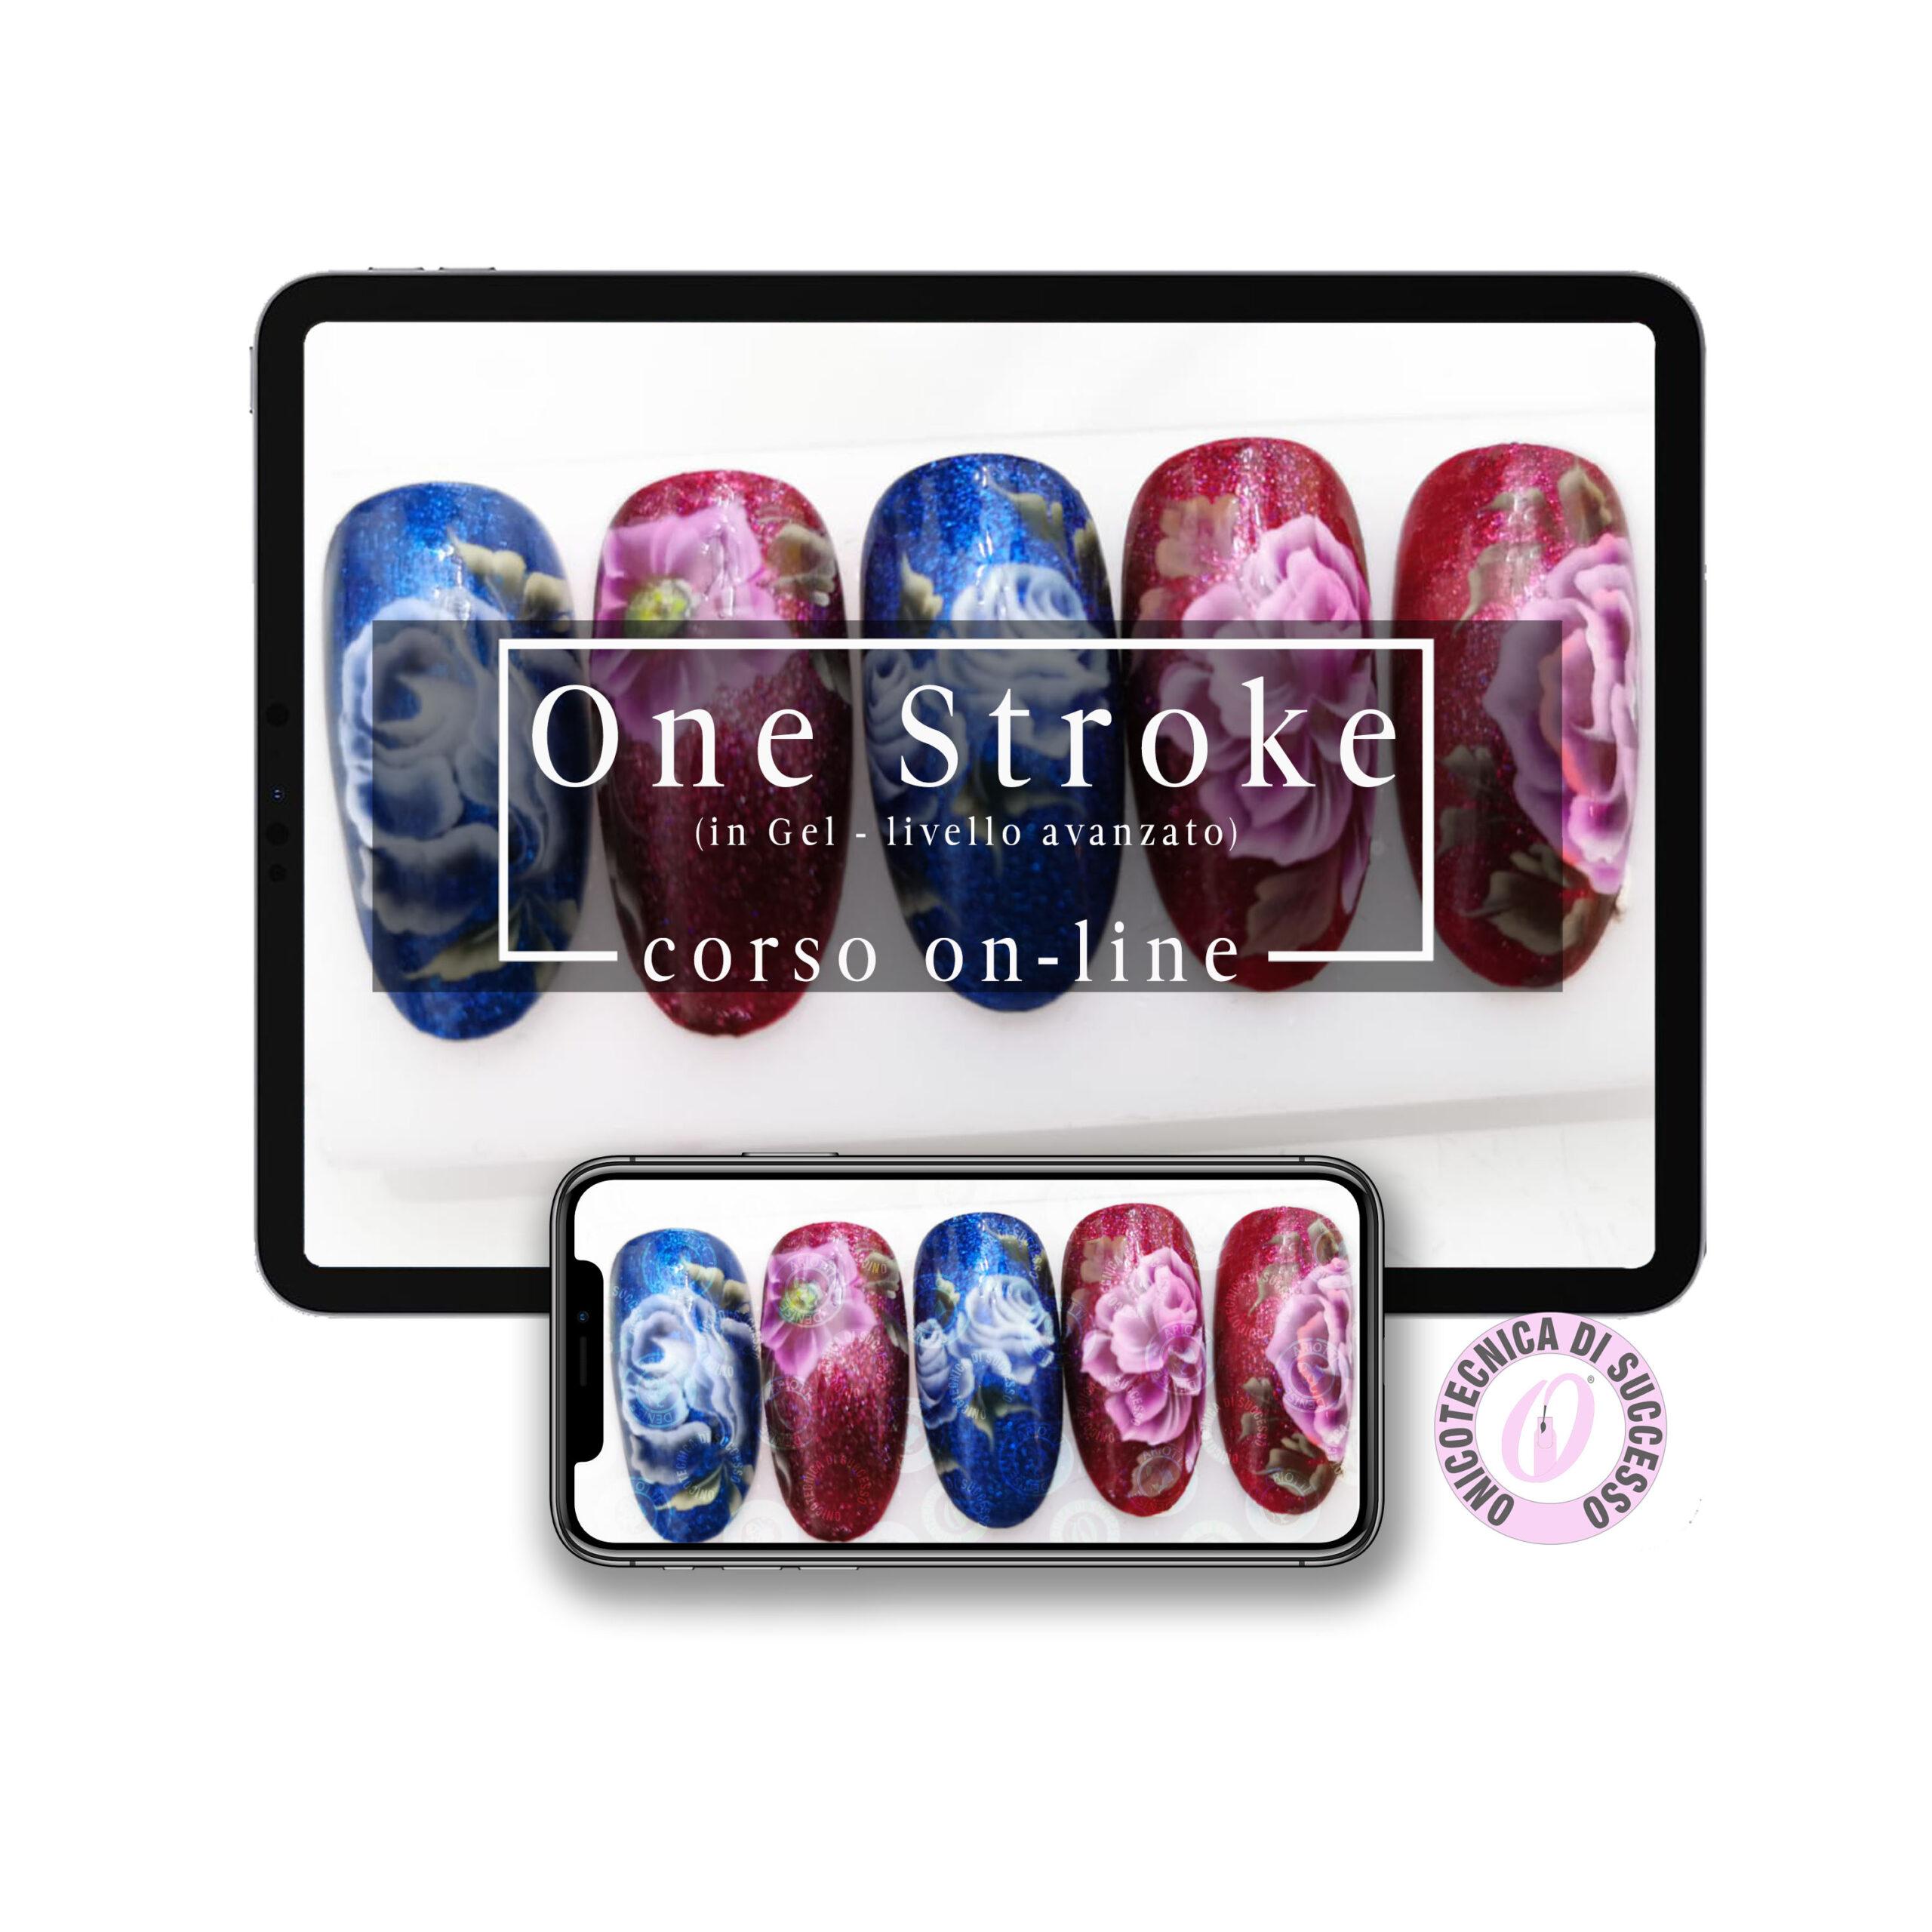 one-stroke-avanzato